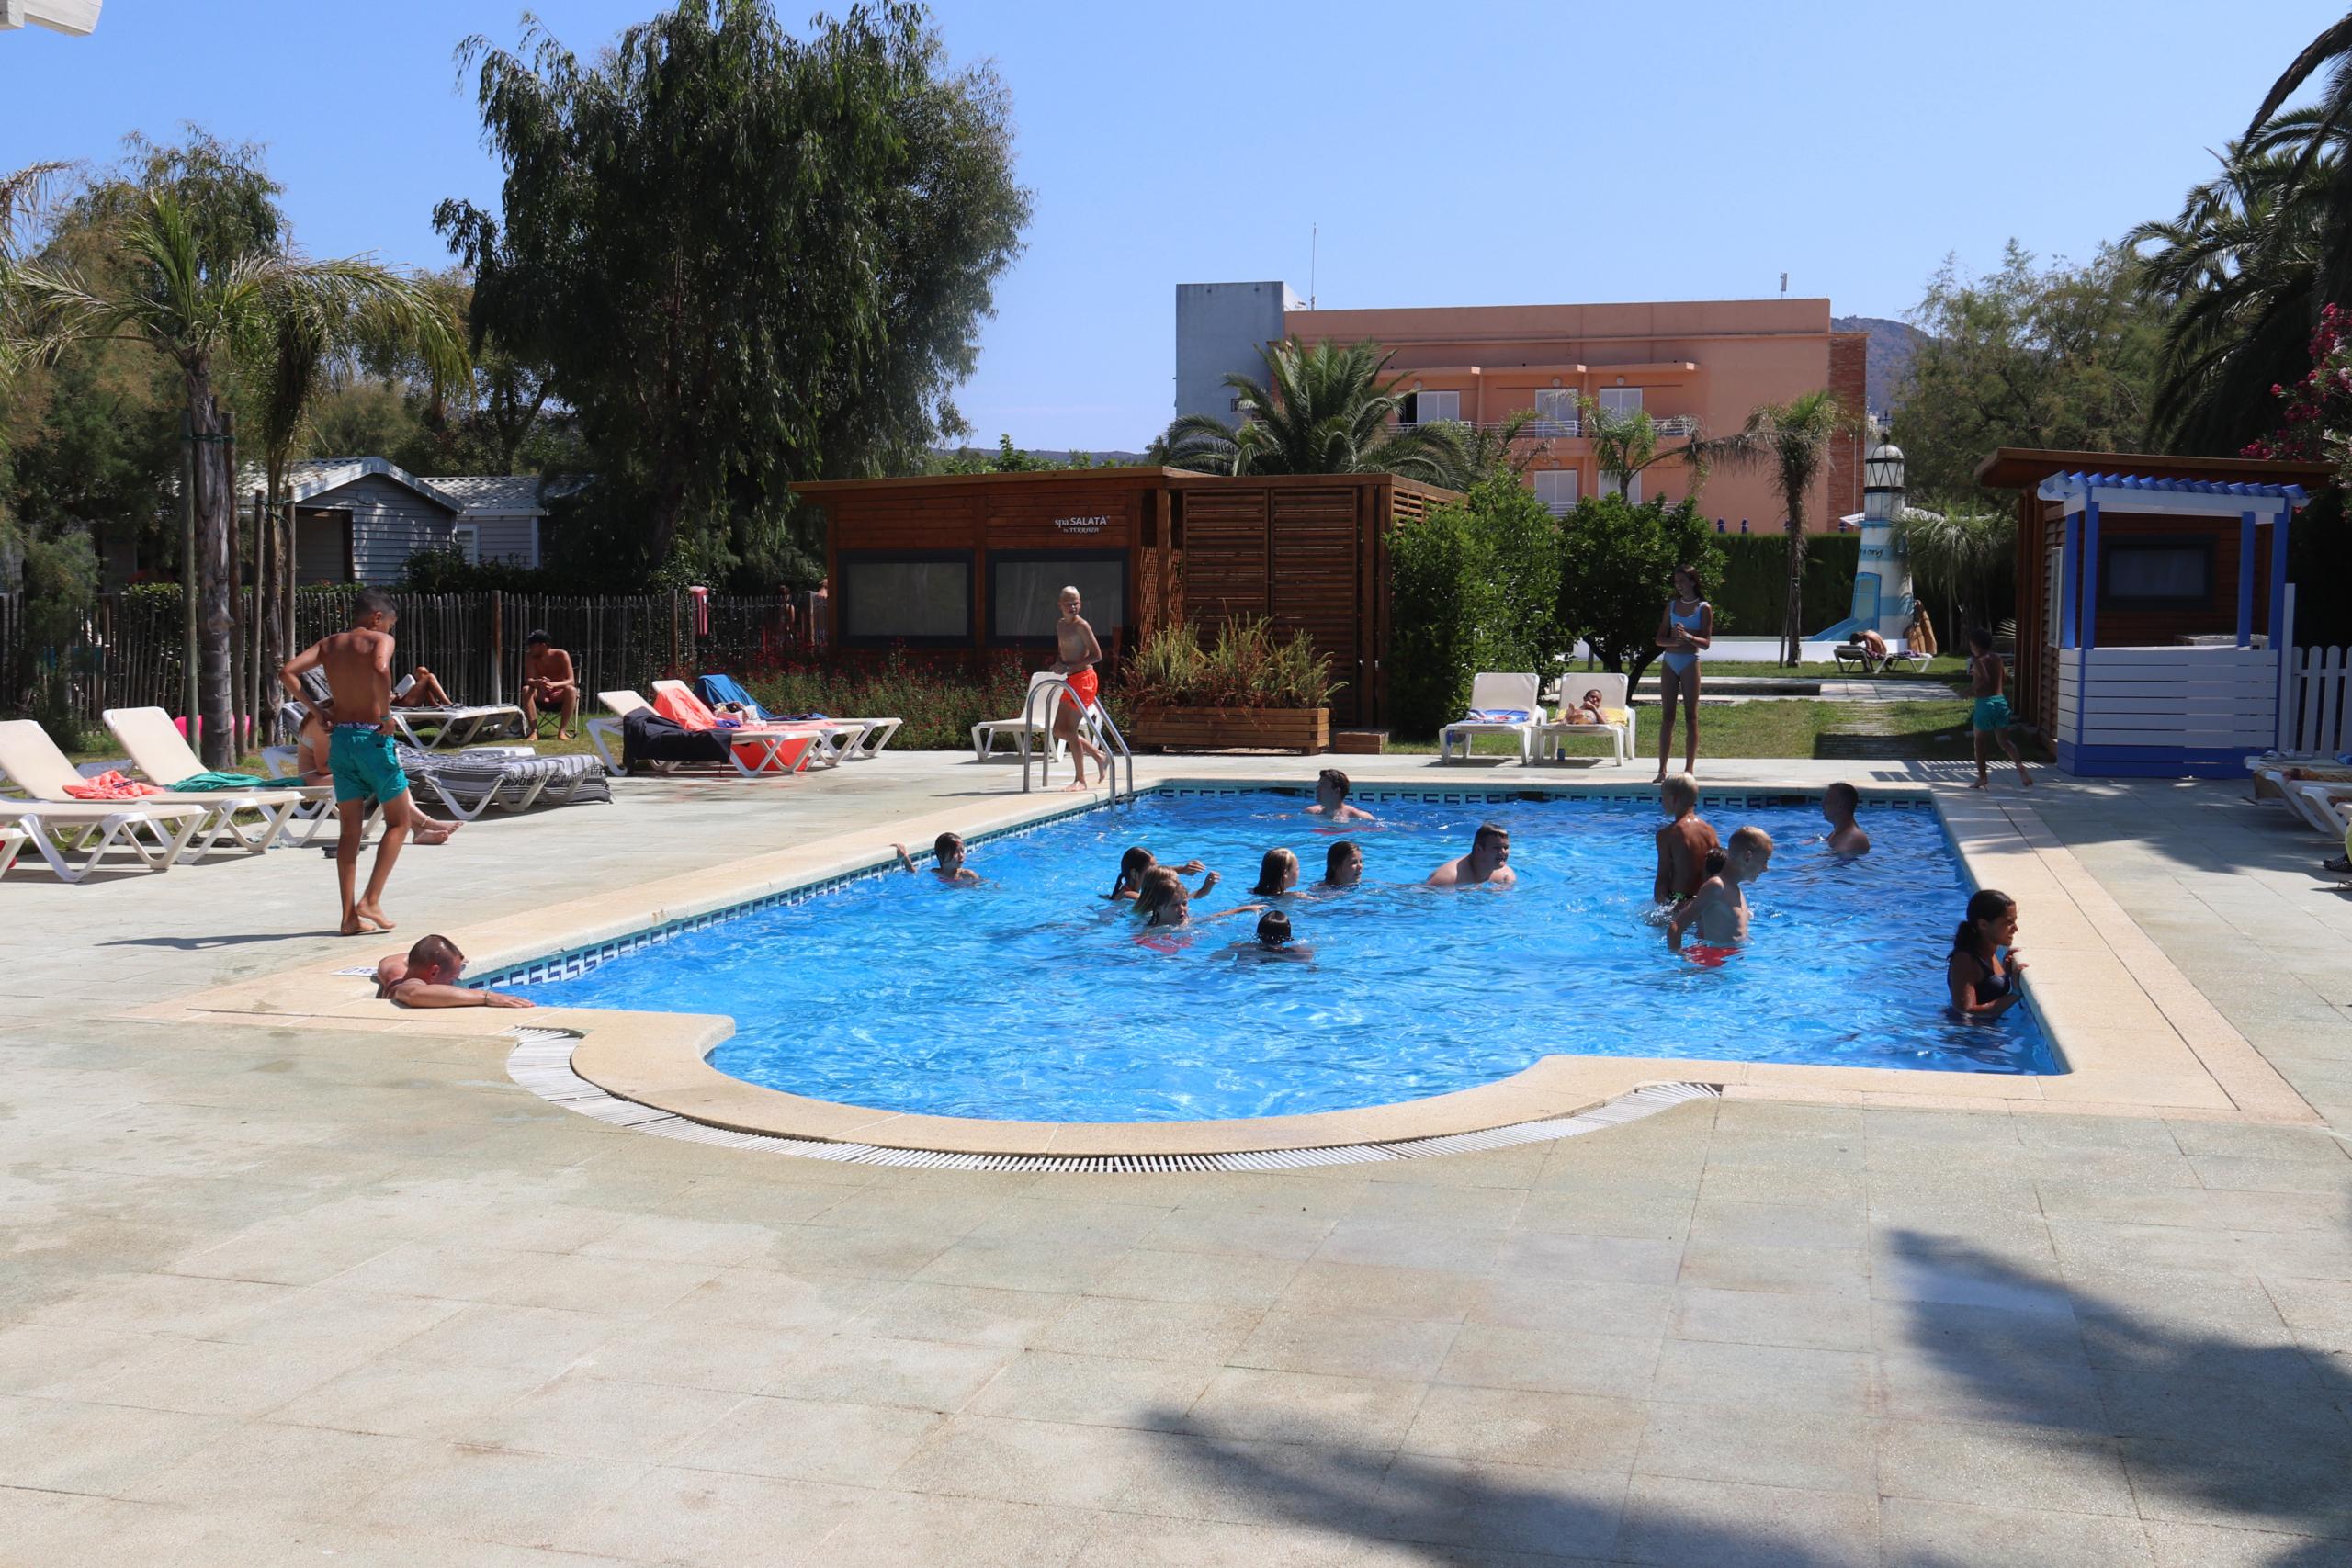 La piscina del càmping Salatà de Roses amb diversos turistes jugant a l'aigua i d'altres estirats a la tovallola   ACN